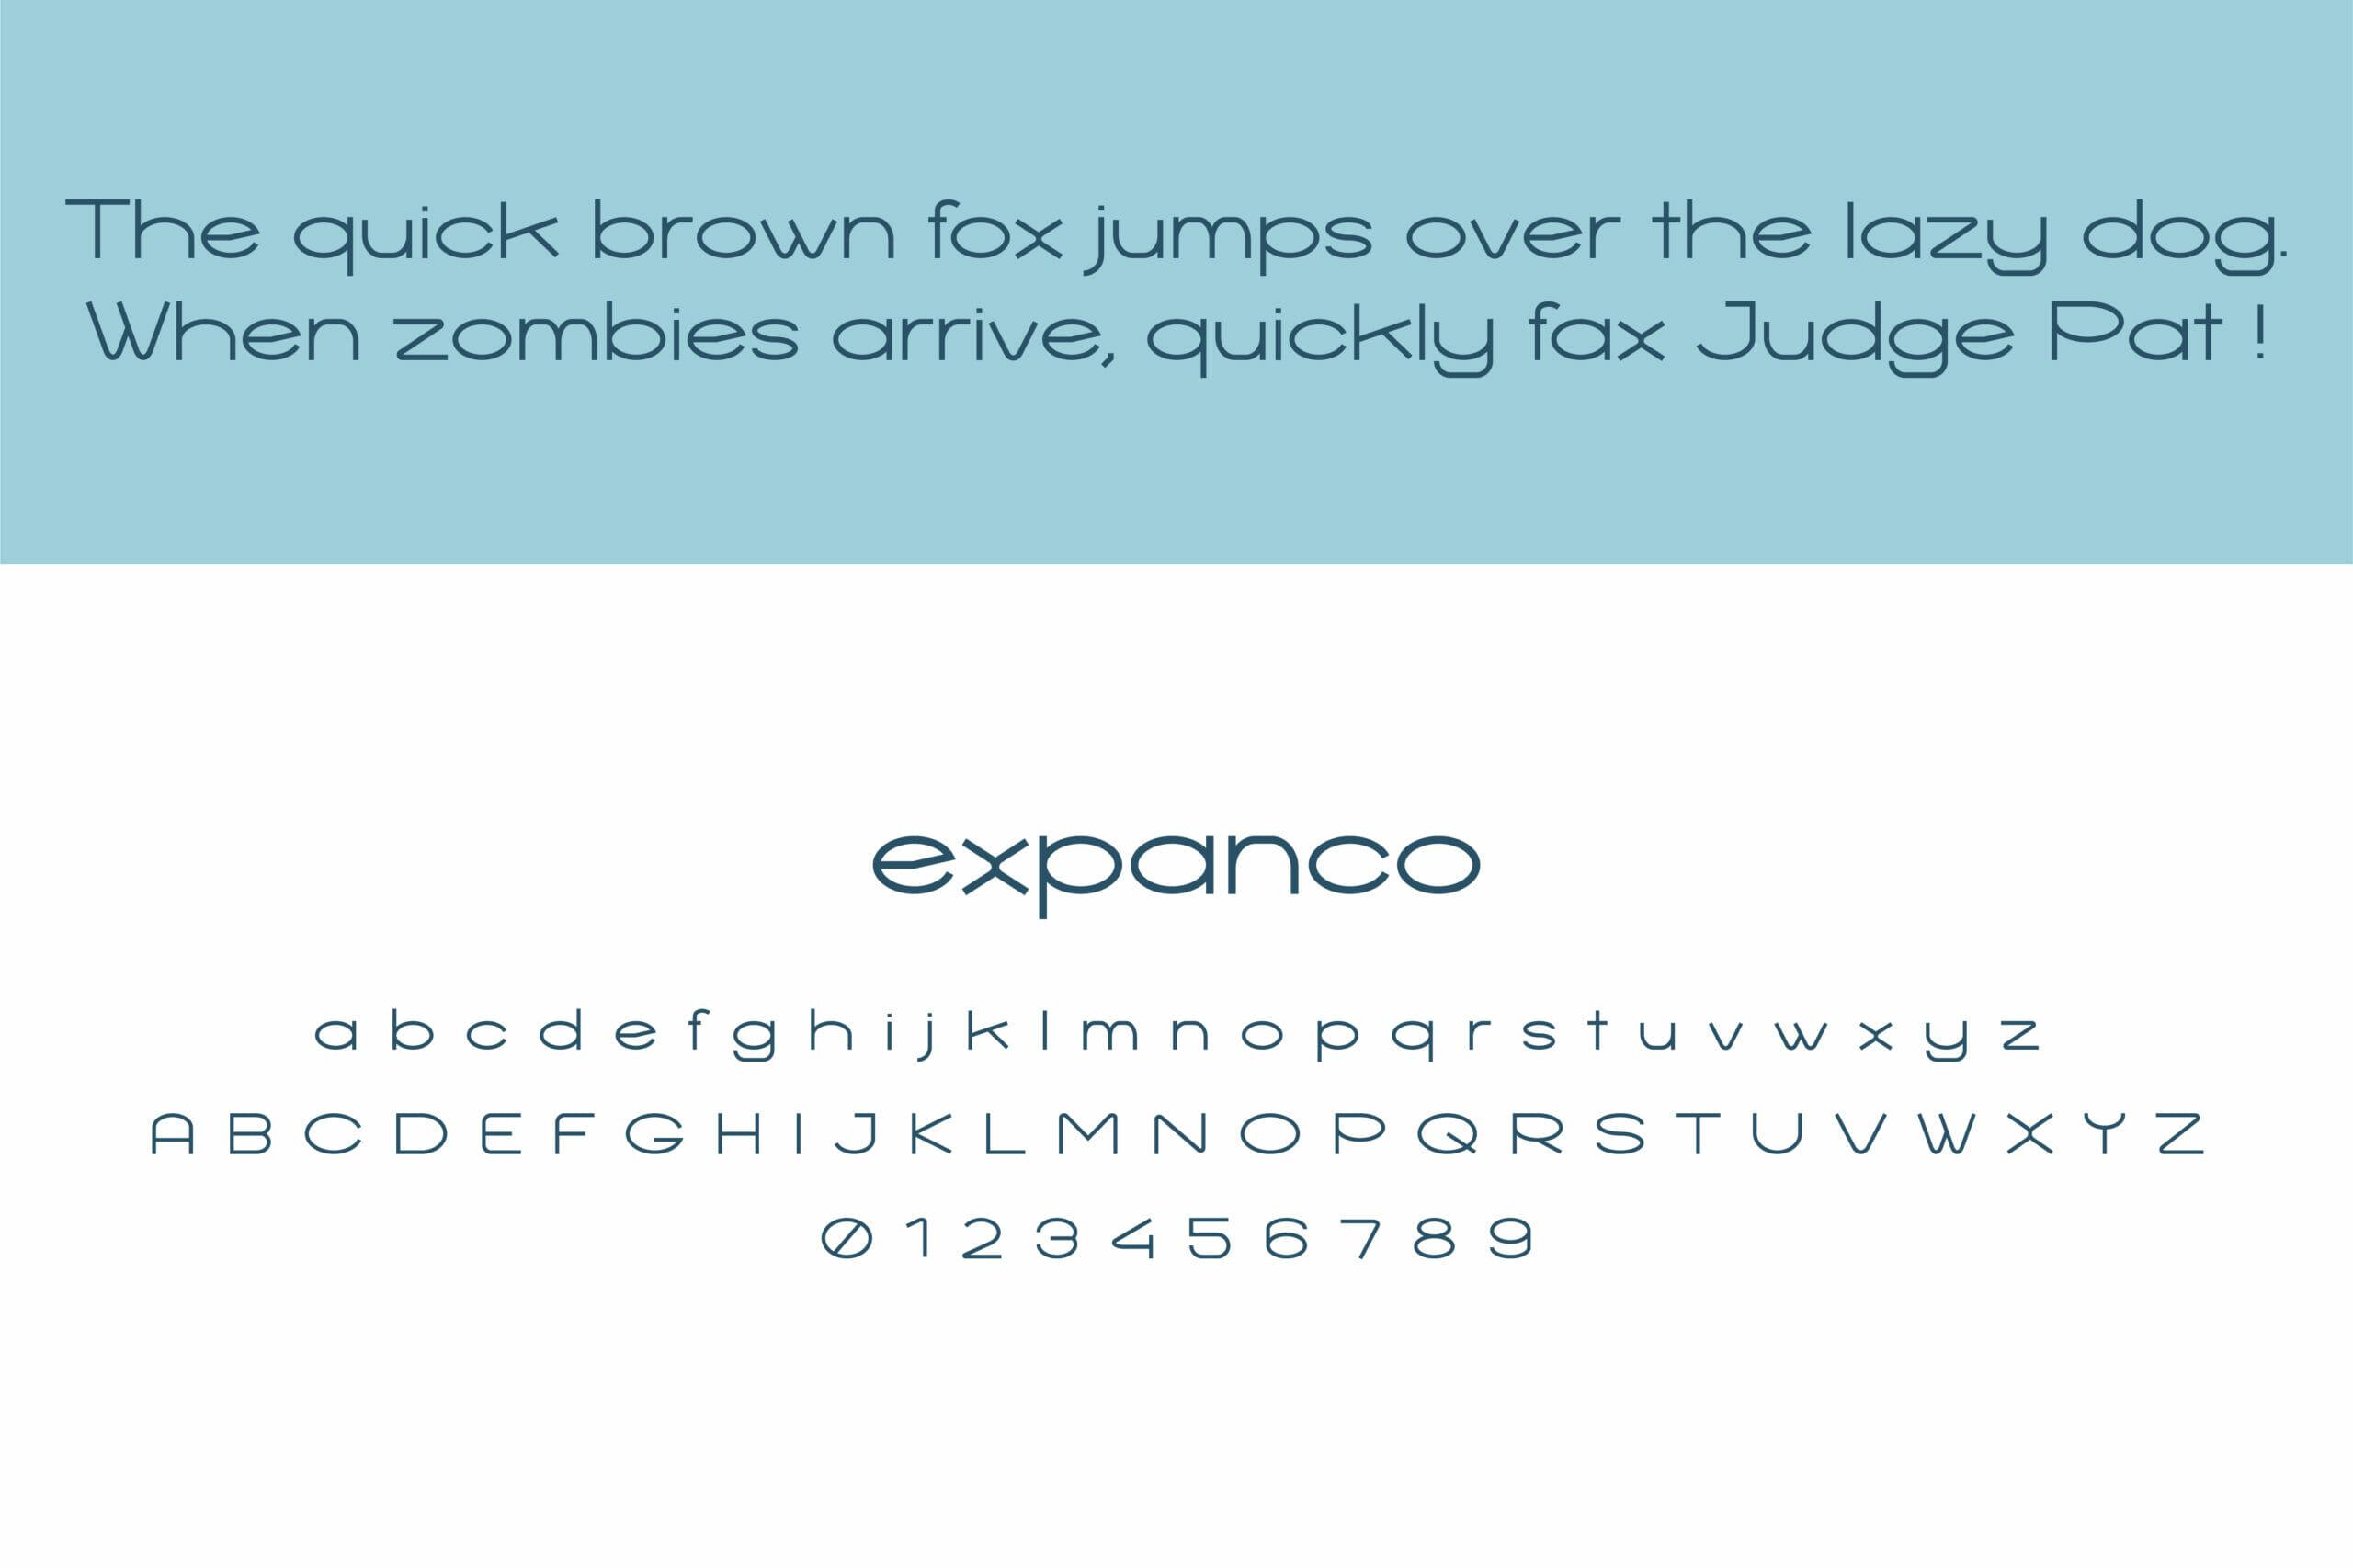 expanco custom fonts